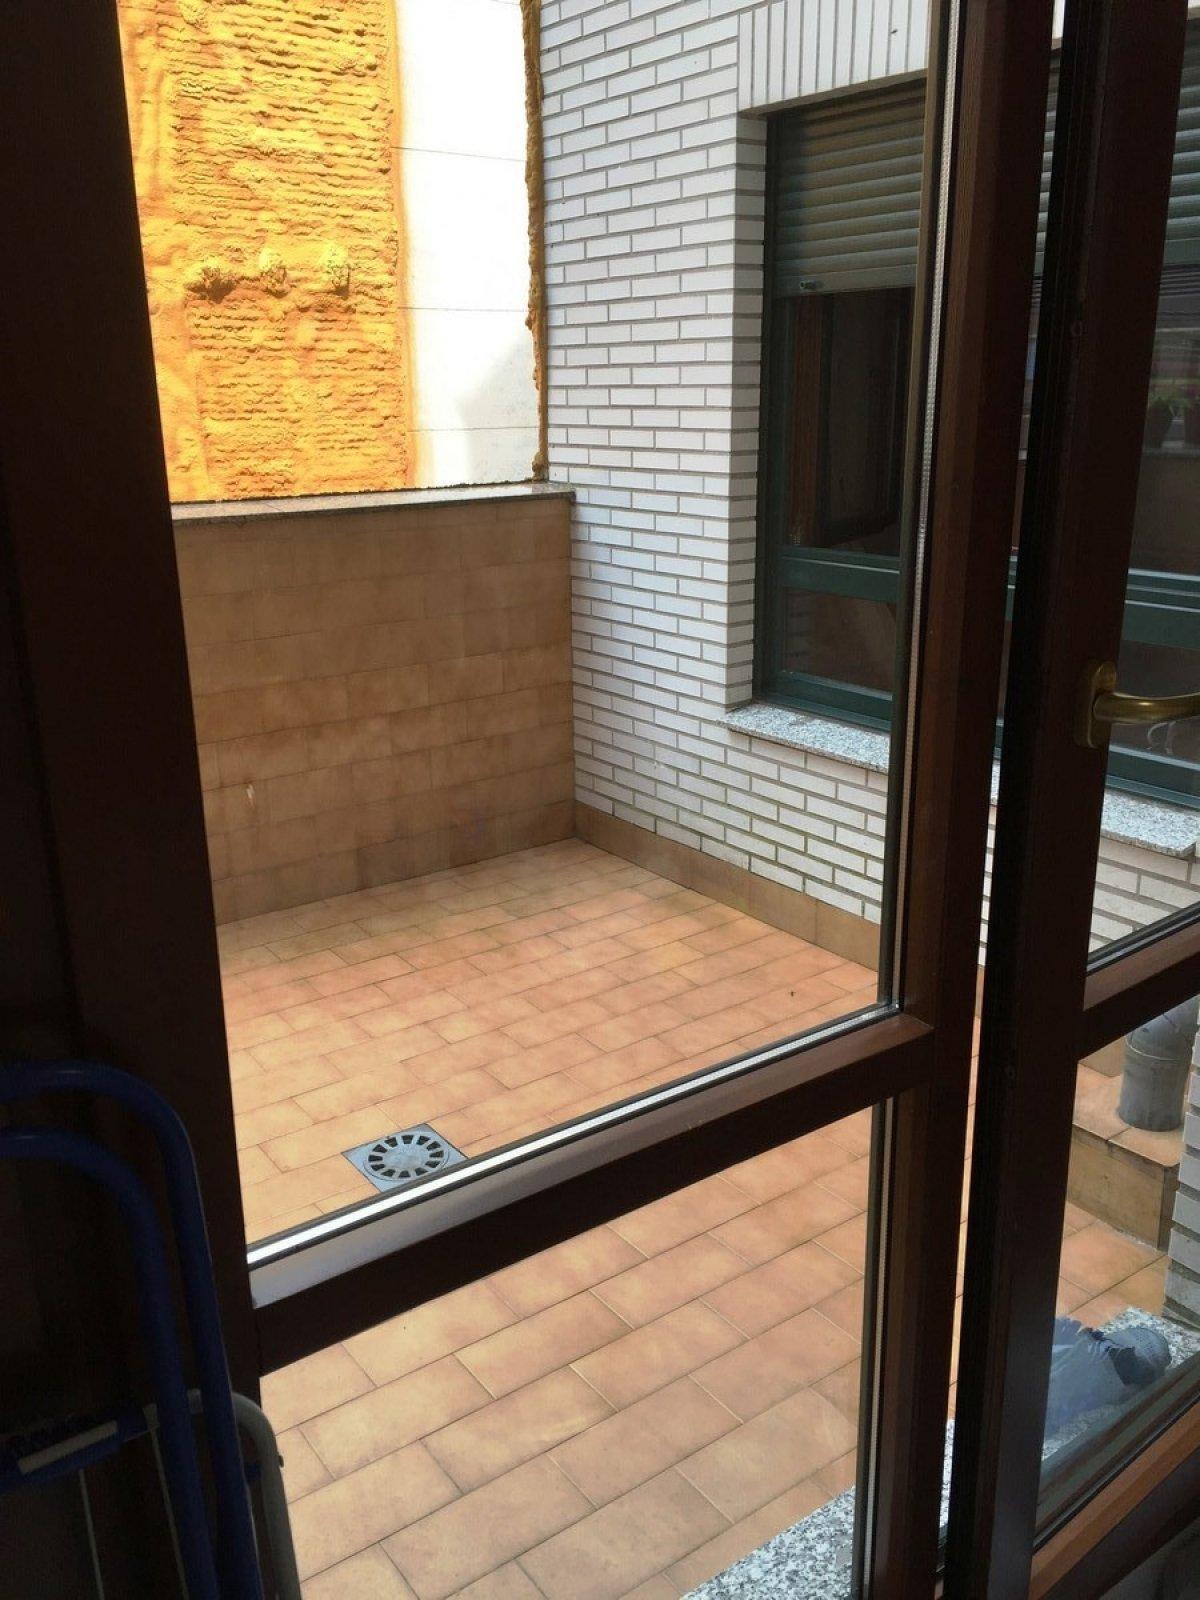 Venta de apartamento entre el huca y el campus del milán - imagenInmueble11